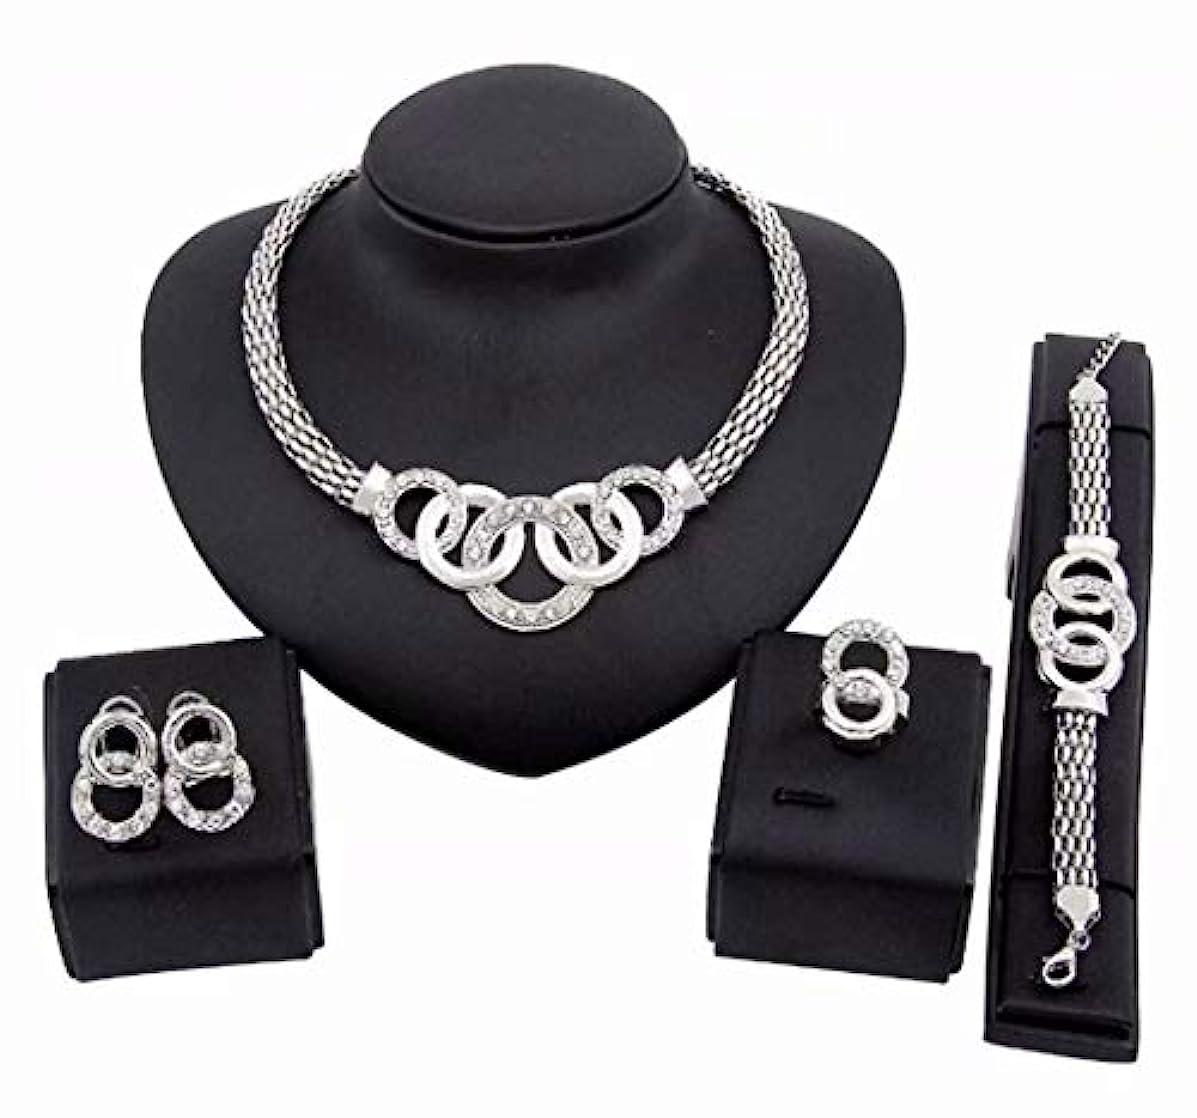 見る人彼女大胆不敵七里の香 ジュエリーセット ダイヤモンド ジルコン ペンダントネックレス & イヤリング & ブレスレット 4点セット